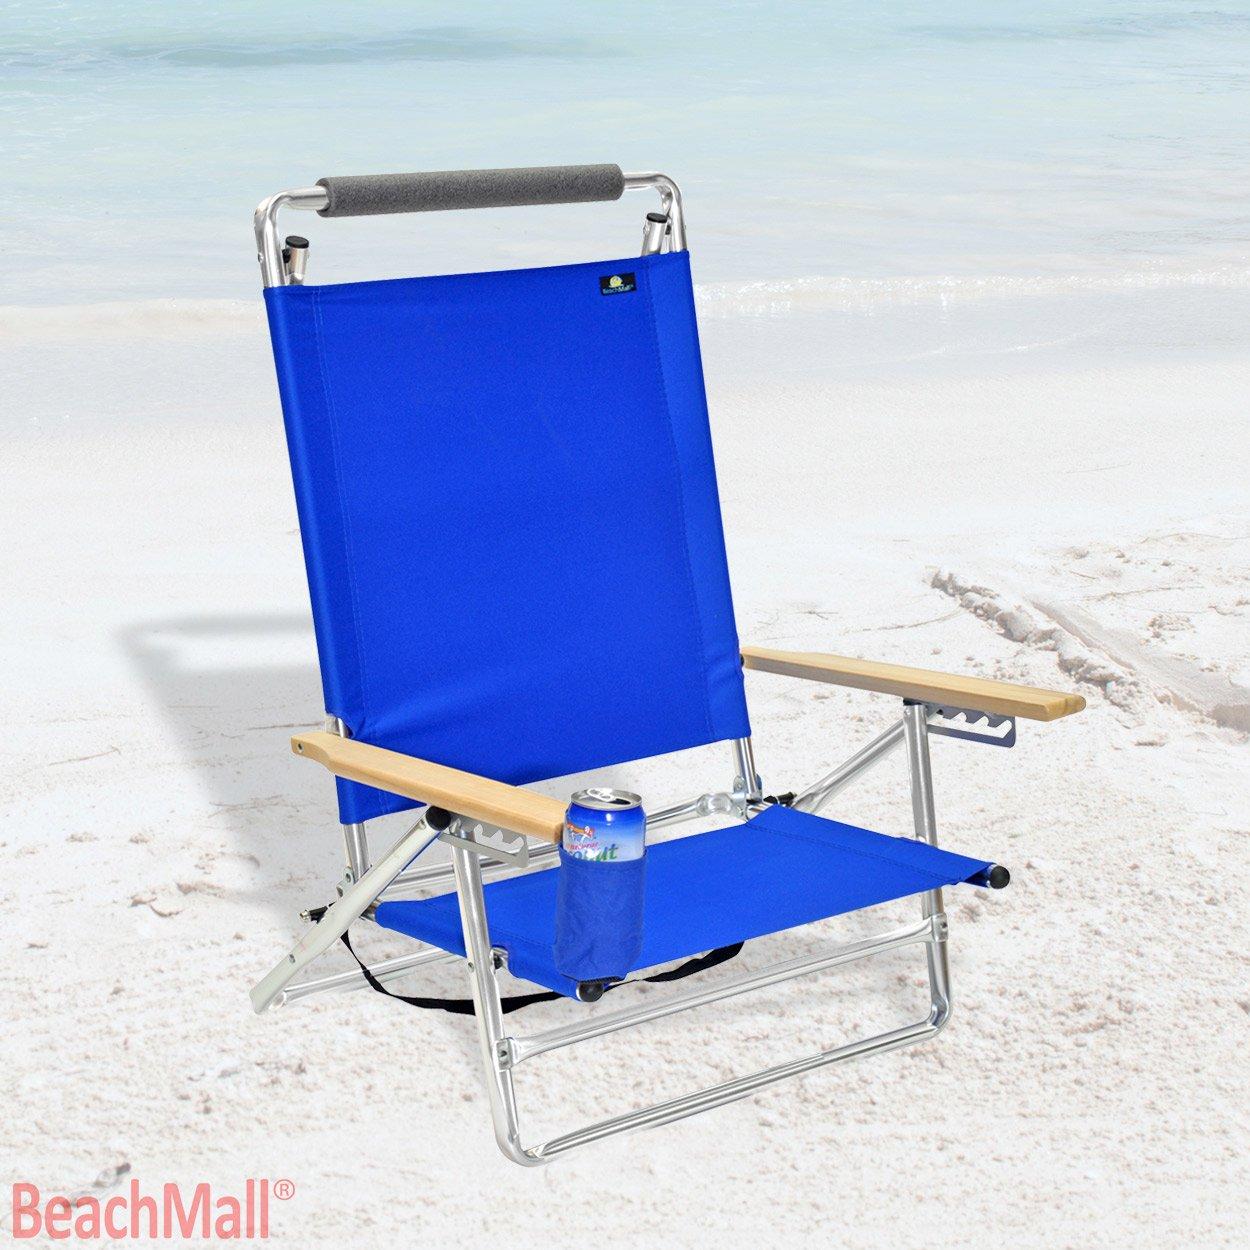 デラックス5 POS Layフラットアルミビーチ椅子W /カップホルダー B00OM7XGV2 530 530